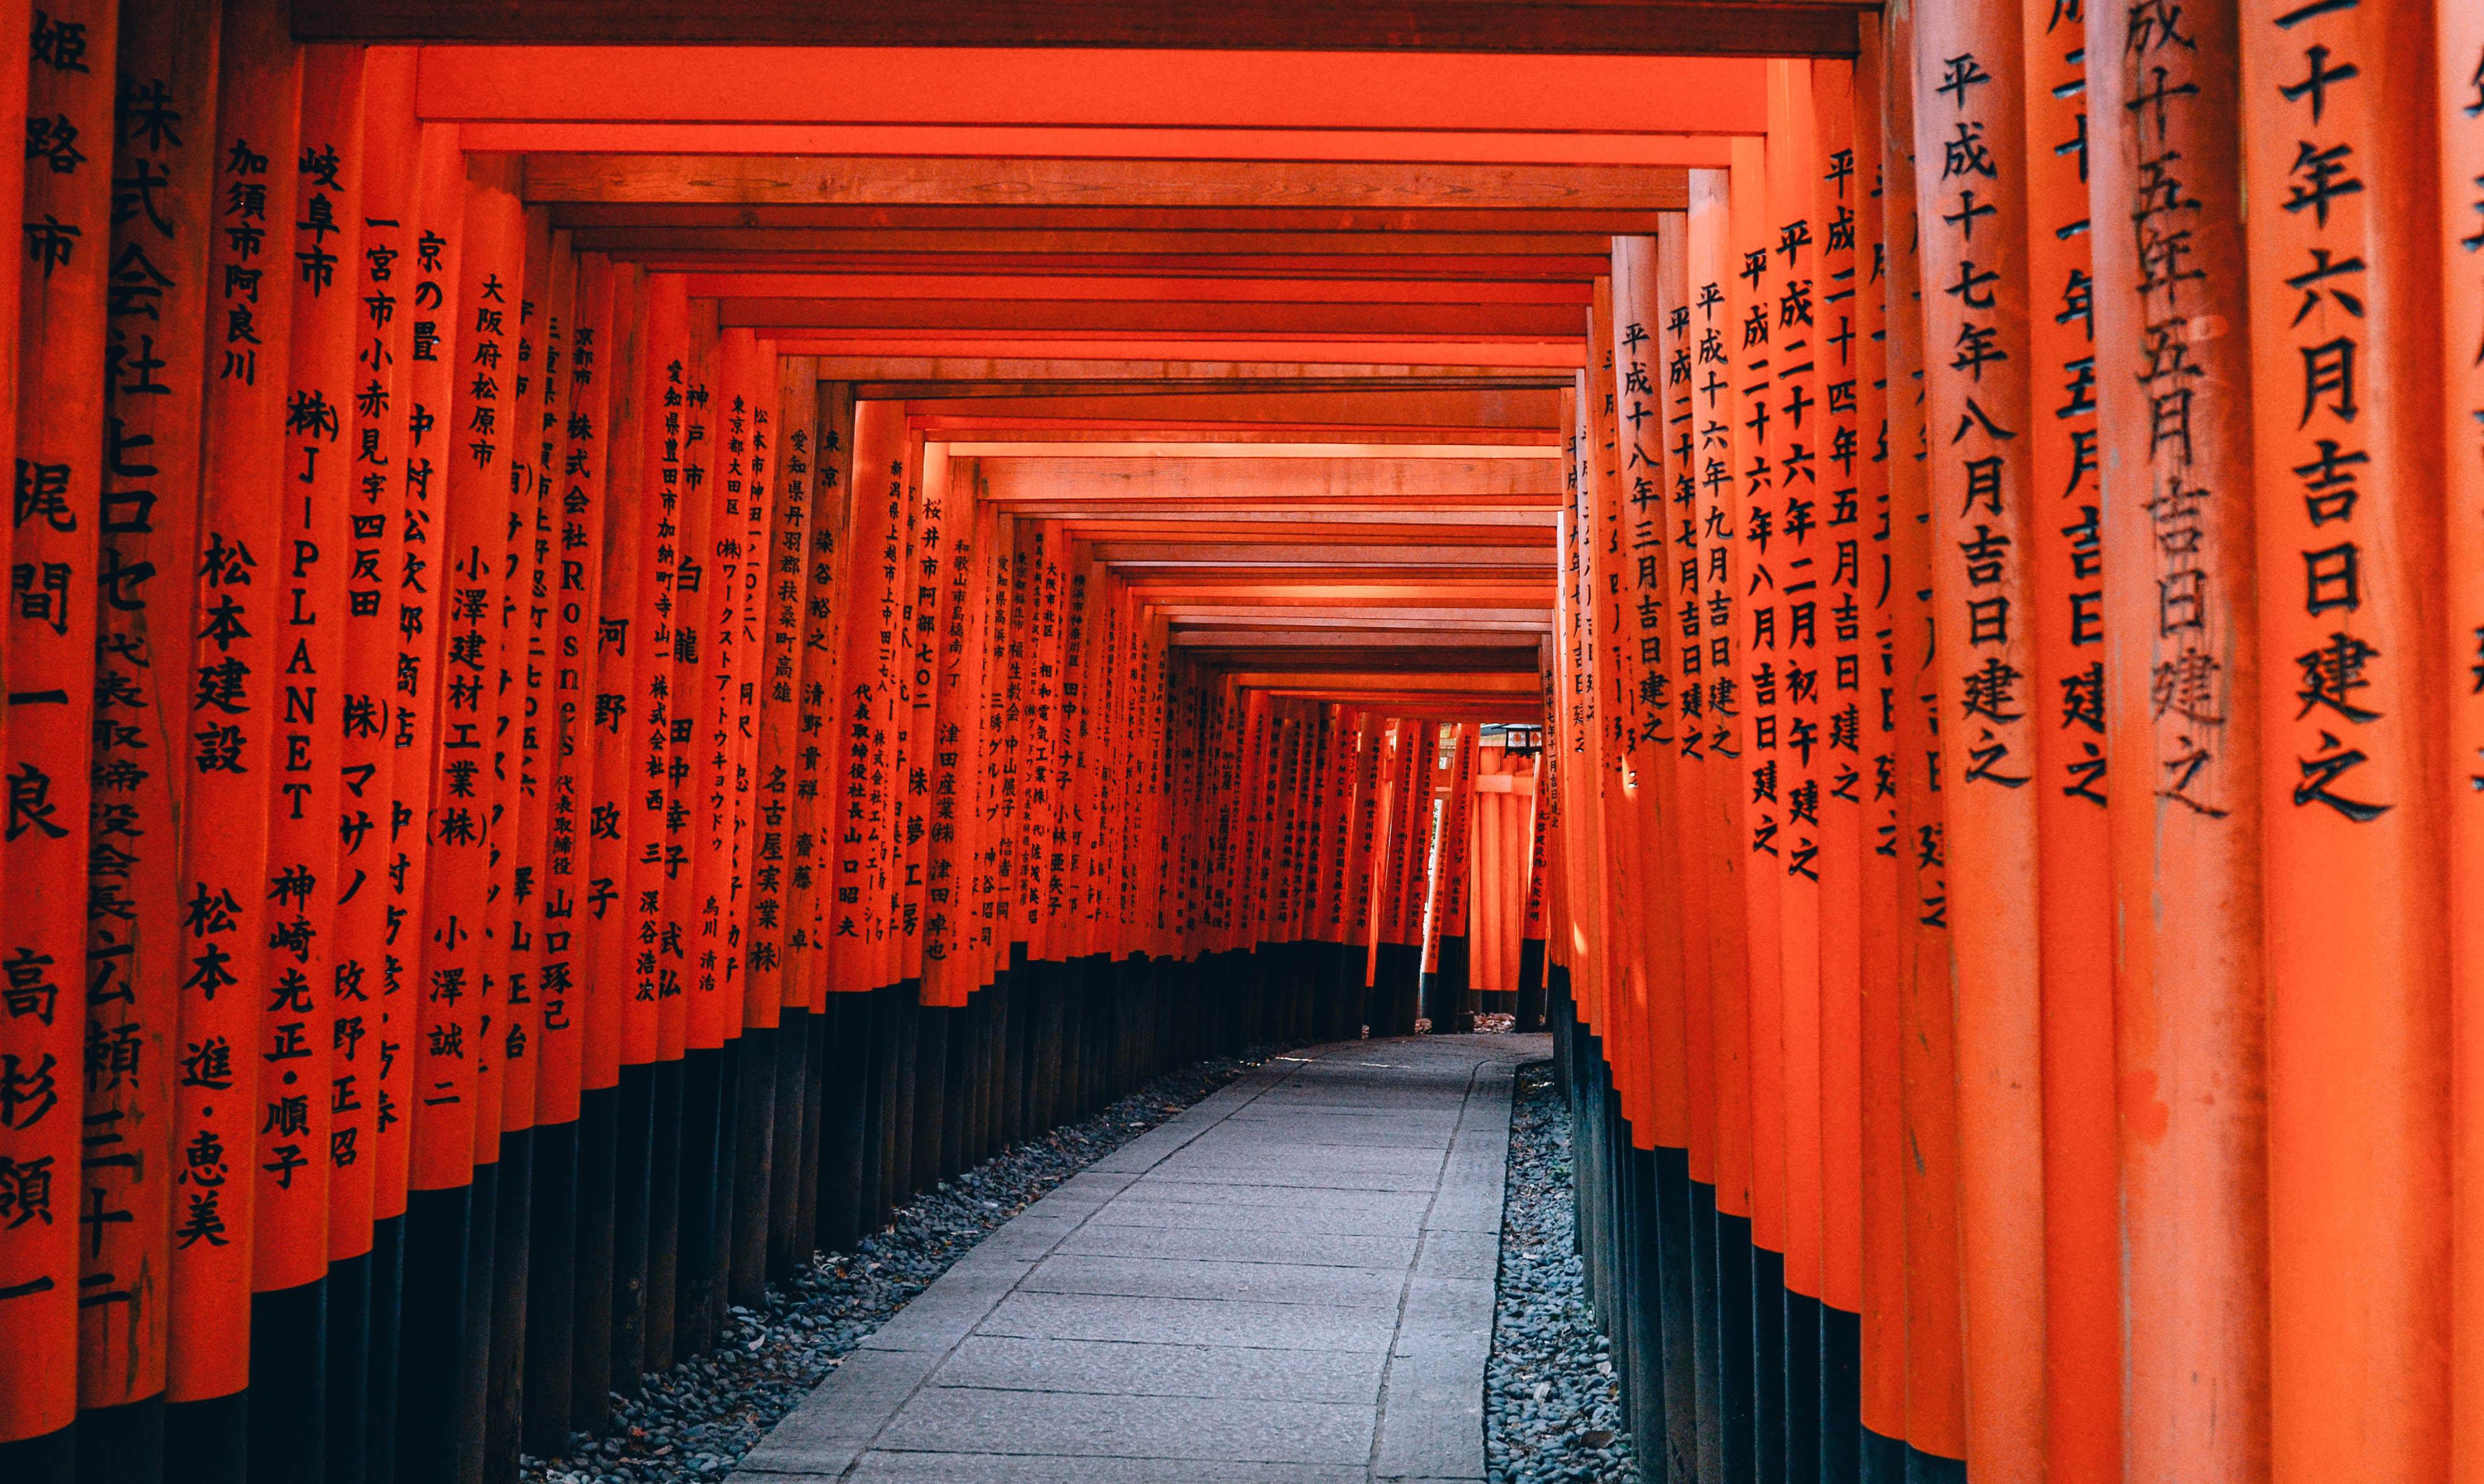 Japan röda bågar